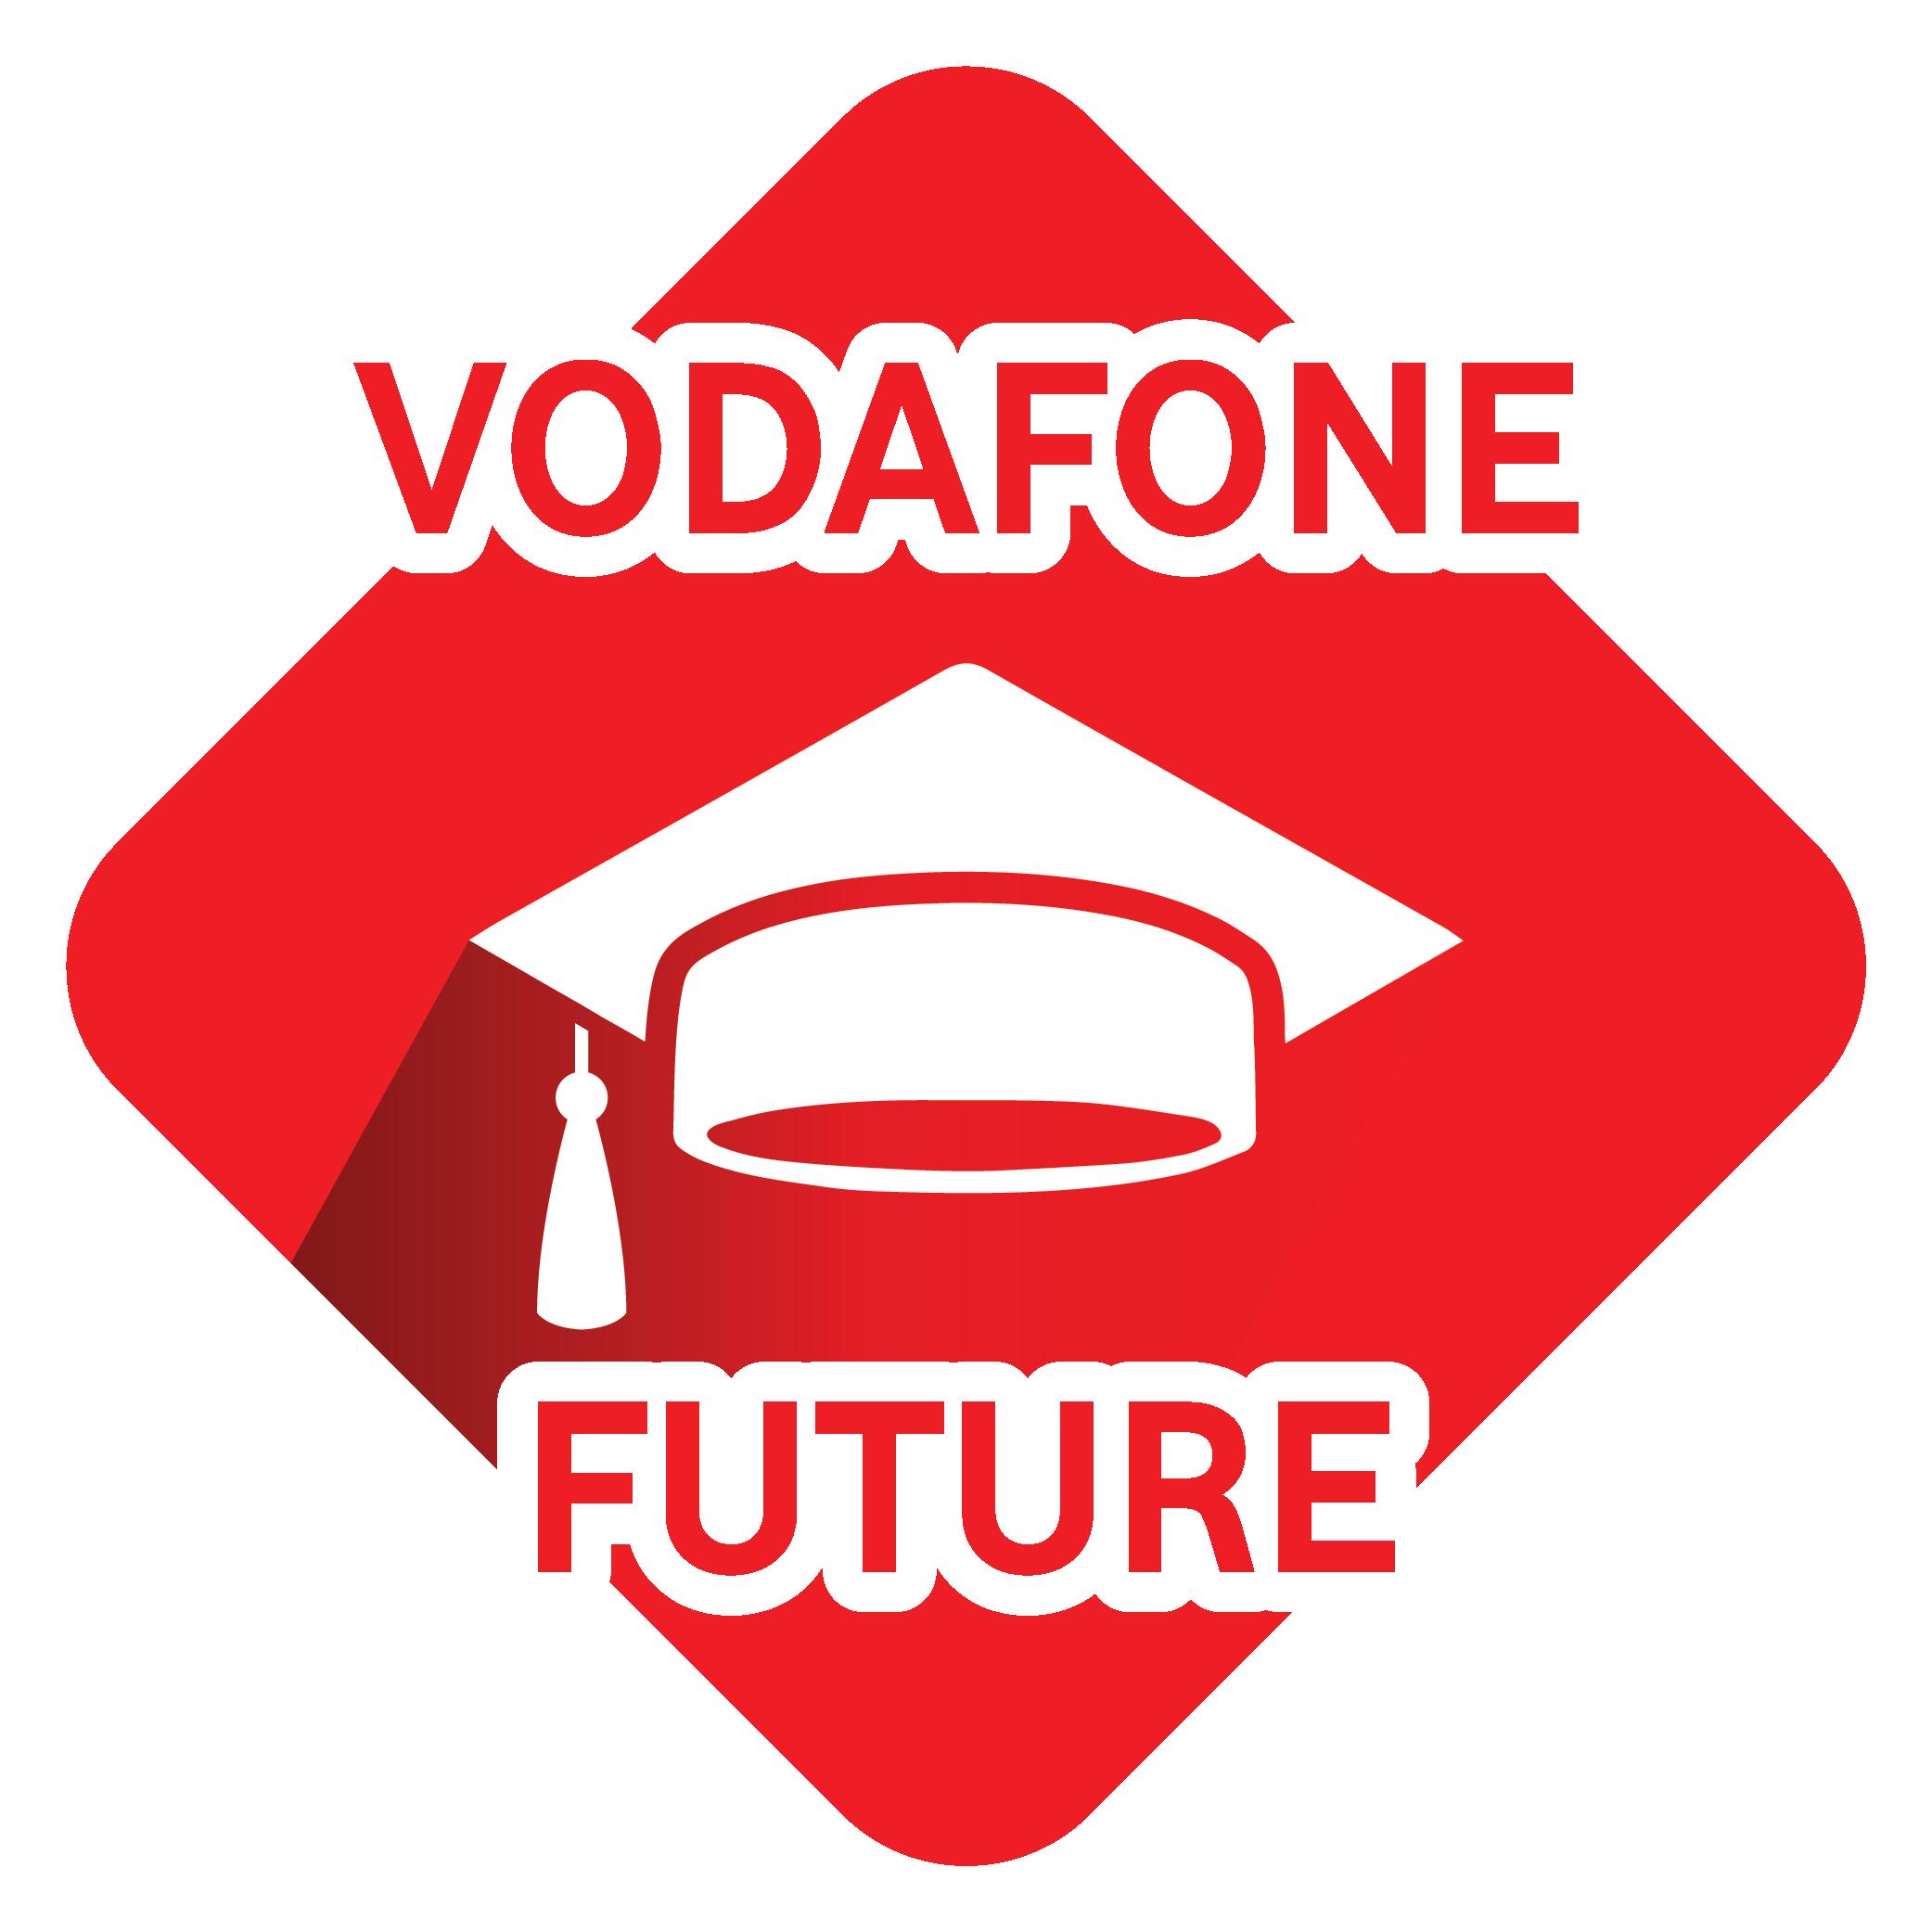 Vodafone Future Logo